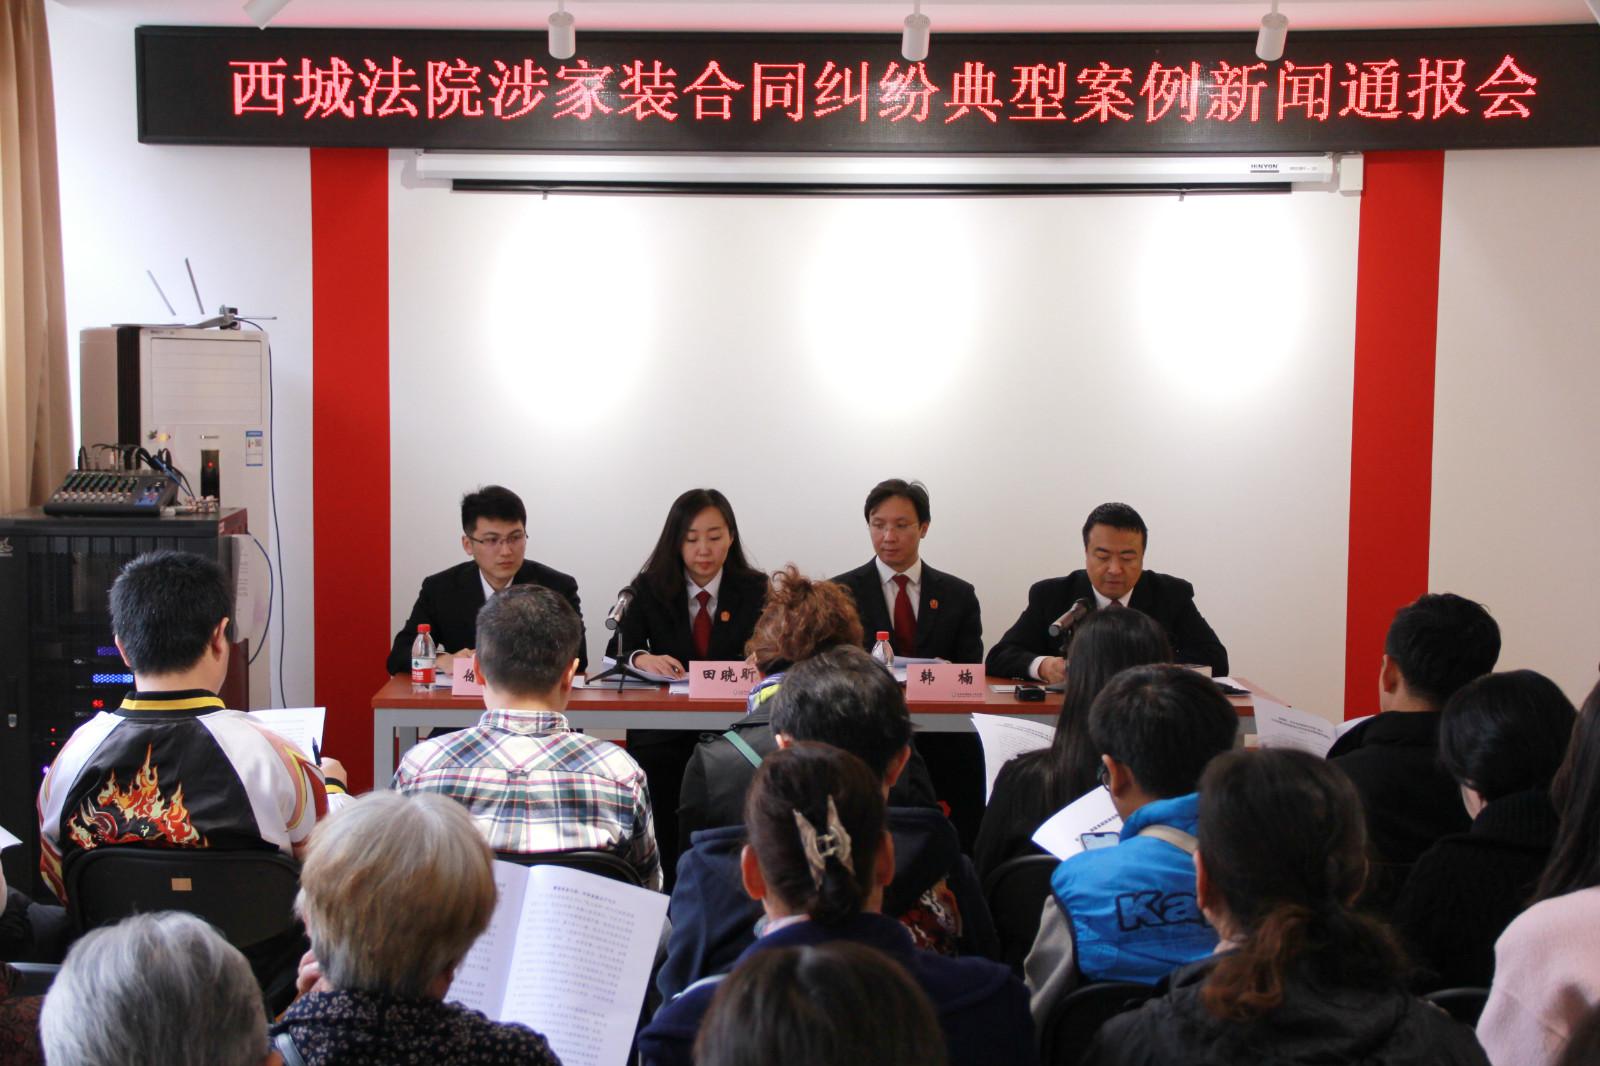 http://www.qwican.com/difangyaowen/2036888.html